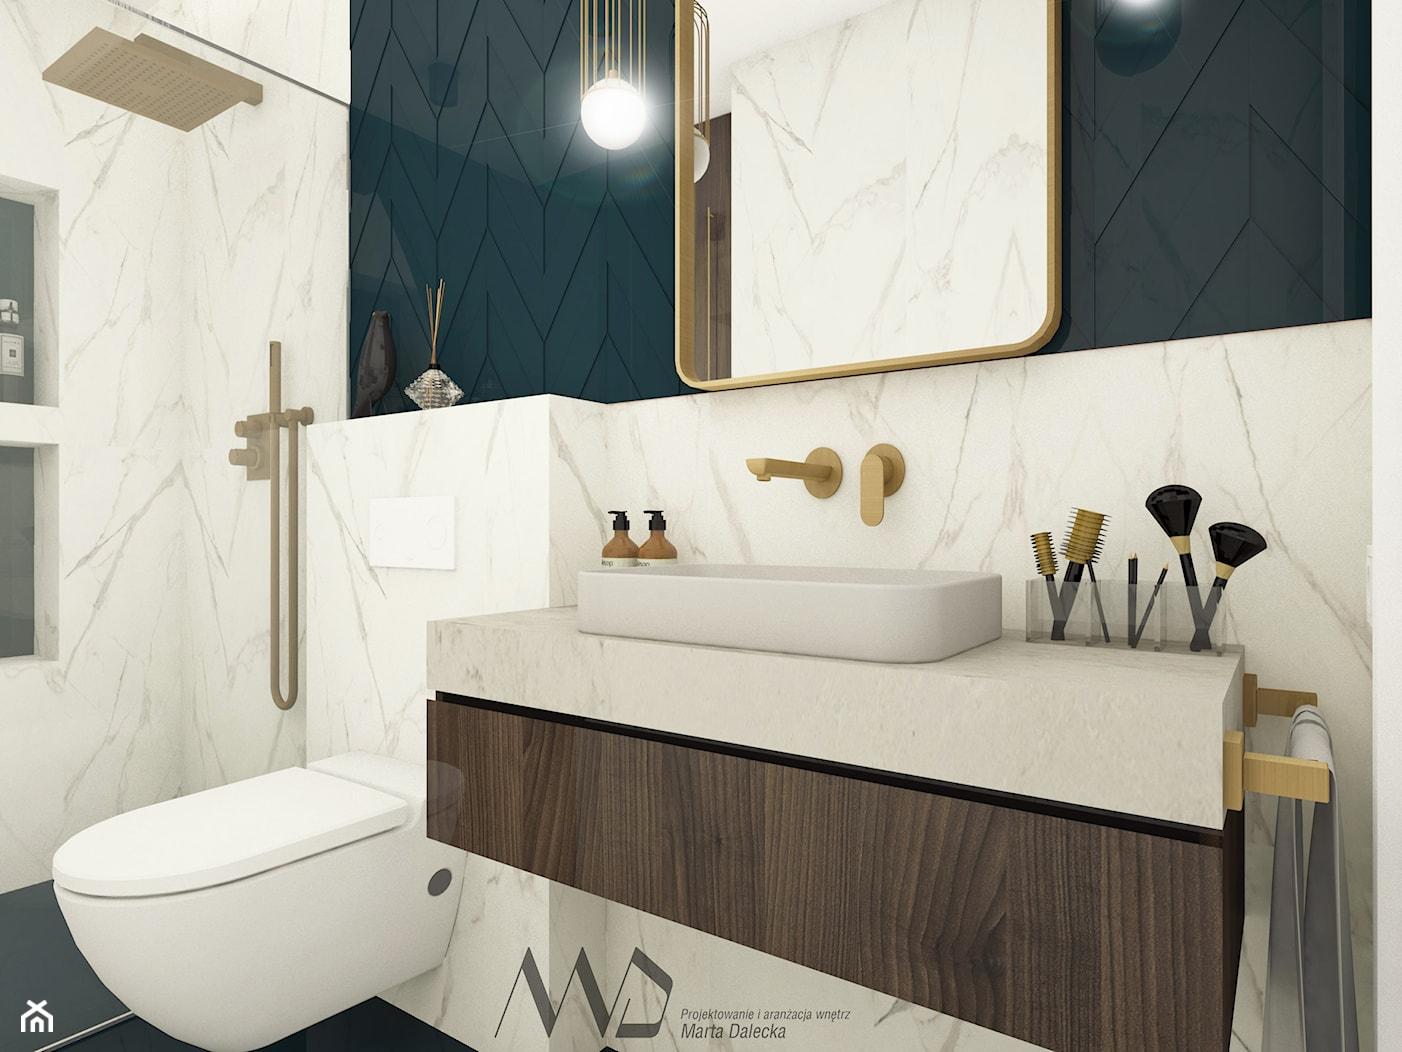 Nowoczesna, elegancka łazienka - zdjęcie od Projektowanie i Aranżacja Wnętrz Marta Dalecka - Homebook